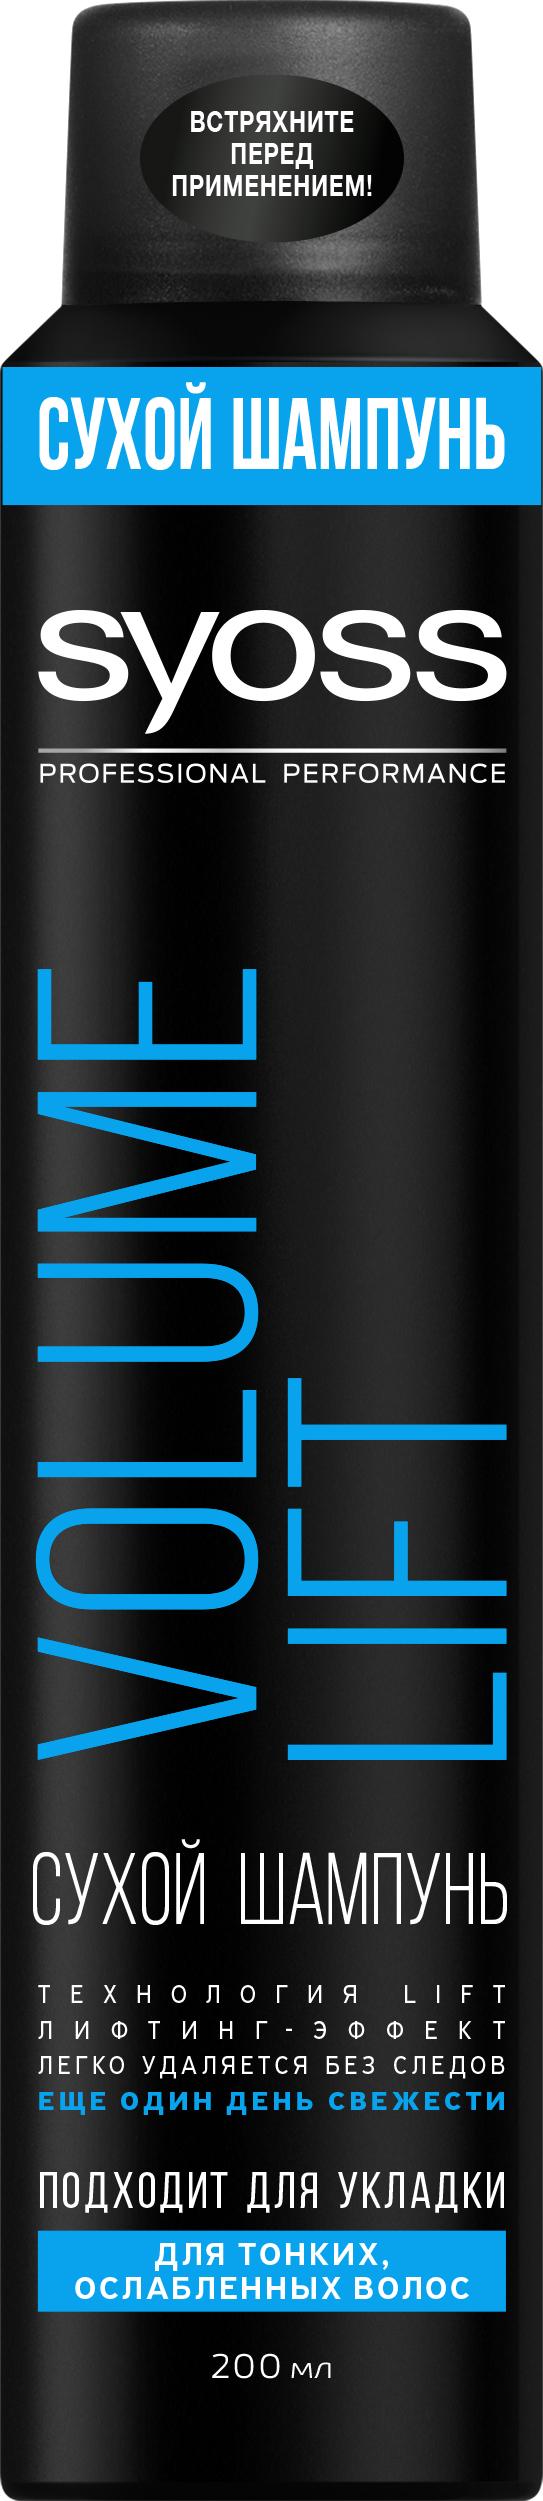 Syoss Шампунь Volume Lift, сухой, для тонких и ослабленных волос, 200 мл9034211Сухой Шампунь Syoss Volume Lift специально разработан для тонких и ослабленных волос. Придает волосам видимый объем без утяжеления, не оставляет видимых следов при тщательном расчесывании. Шампунь не содержит силикона, и включает в себя натуральные